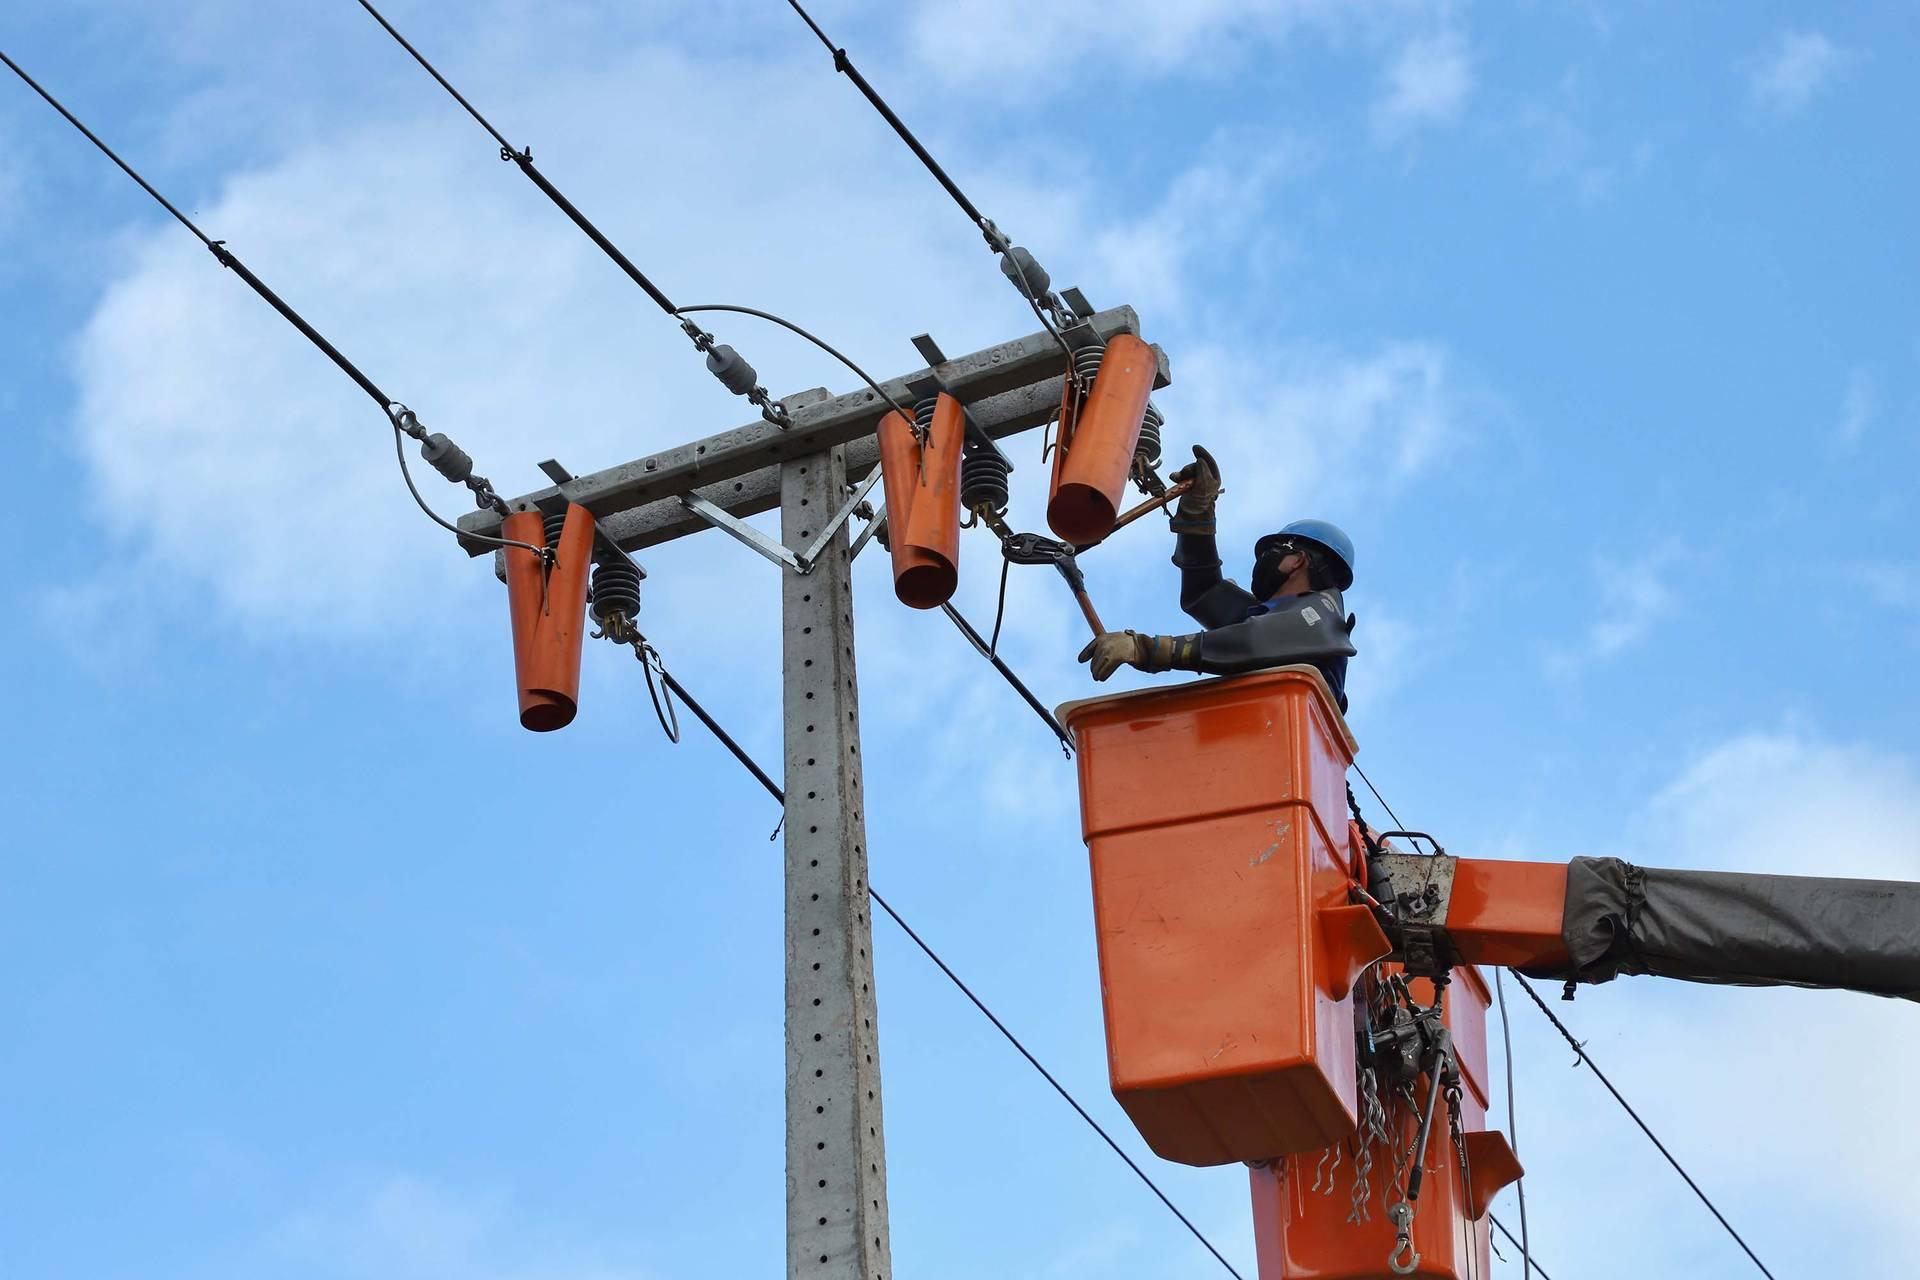 COPEL: Confira os desligamentos programados para melhorias na rede de distribuição de energia no litoral